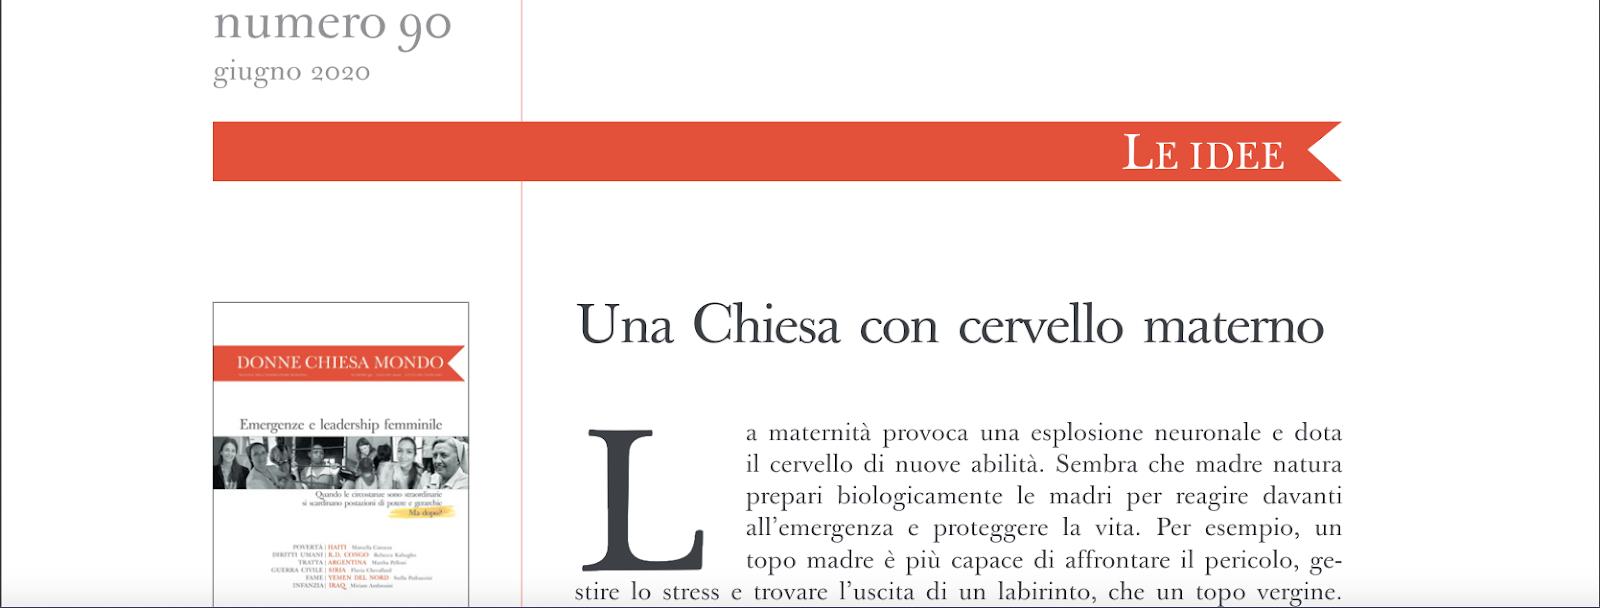 Donne - Chiesa - Mondo @ L'Osservatore Romano, juin 2020